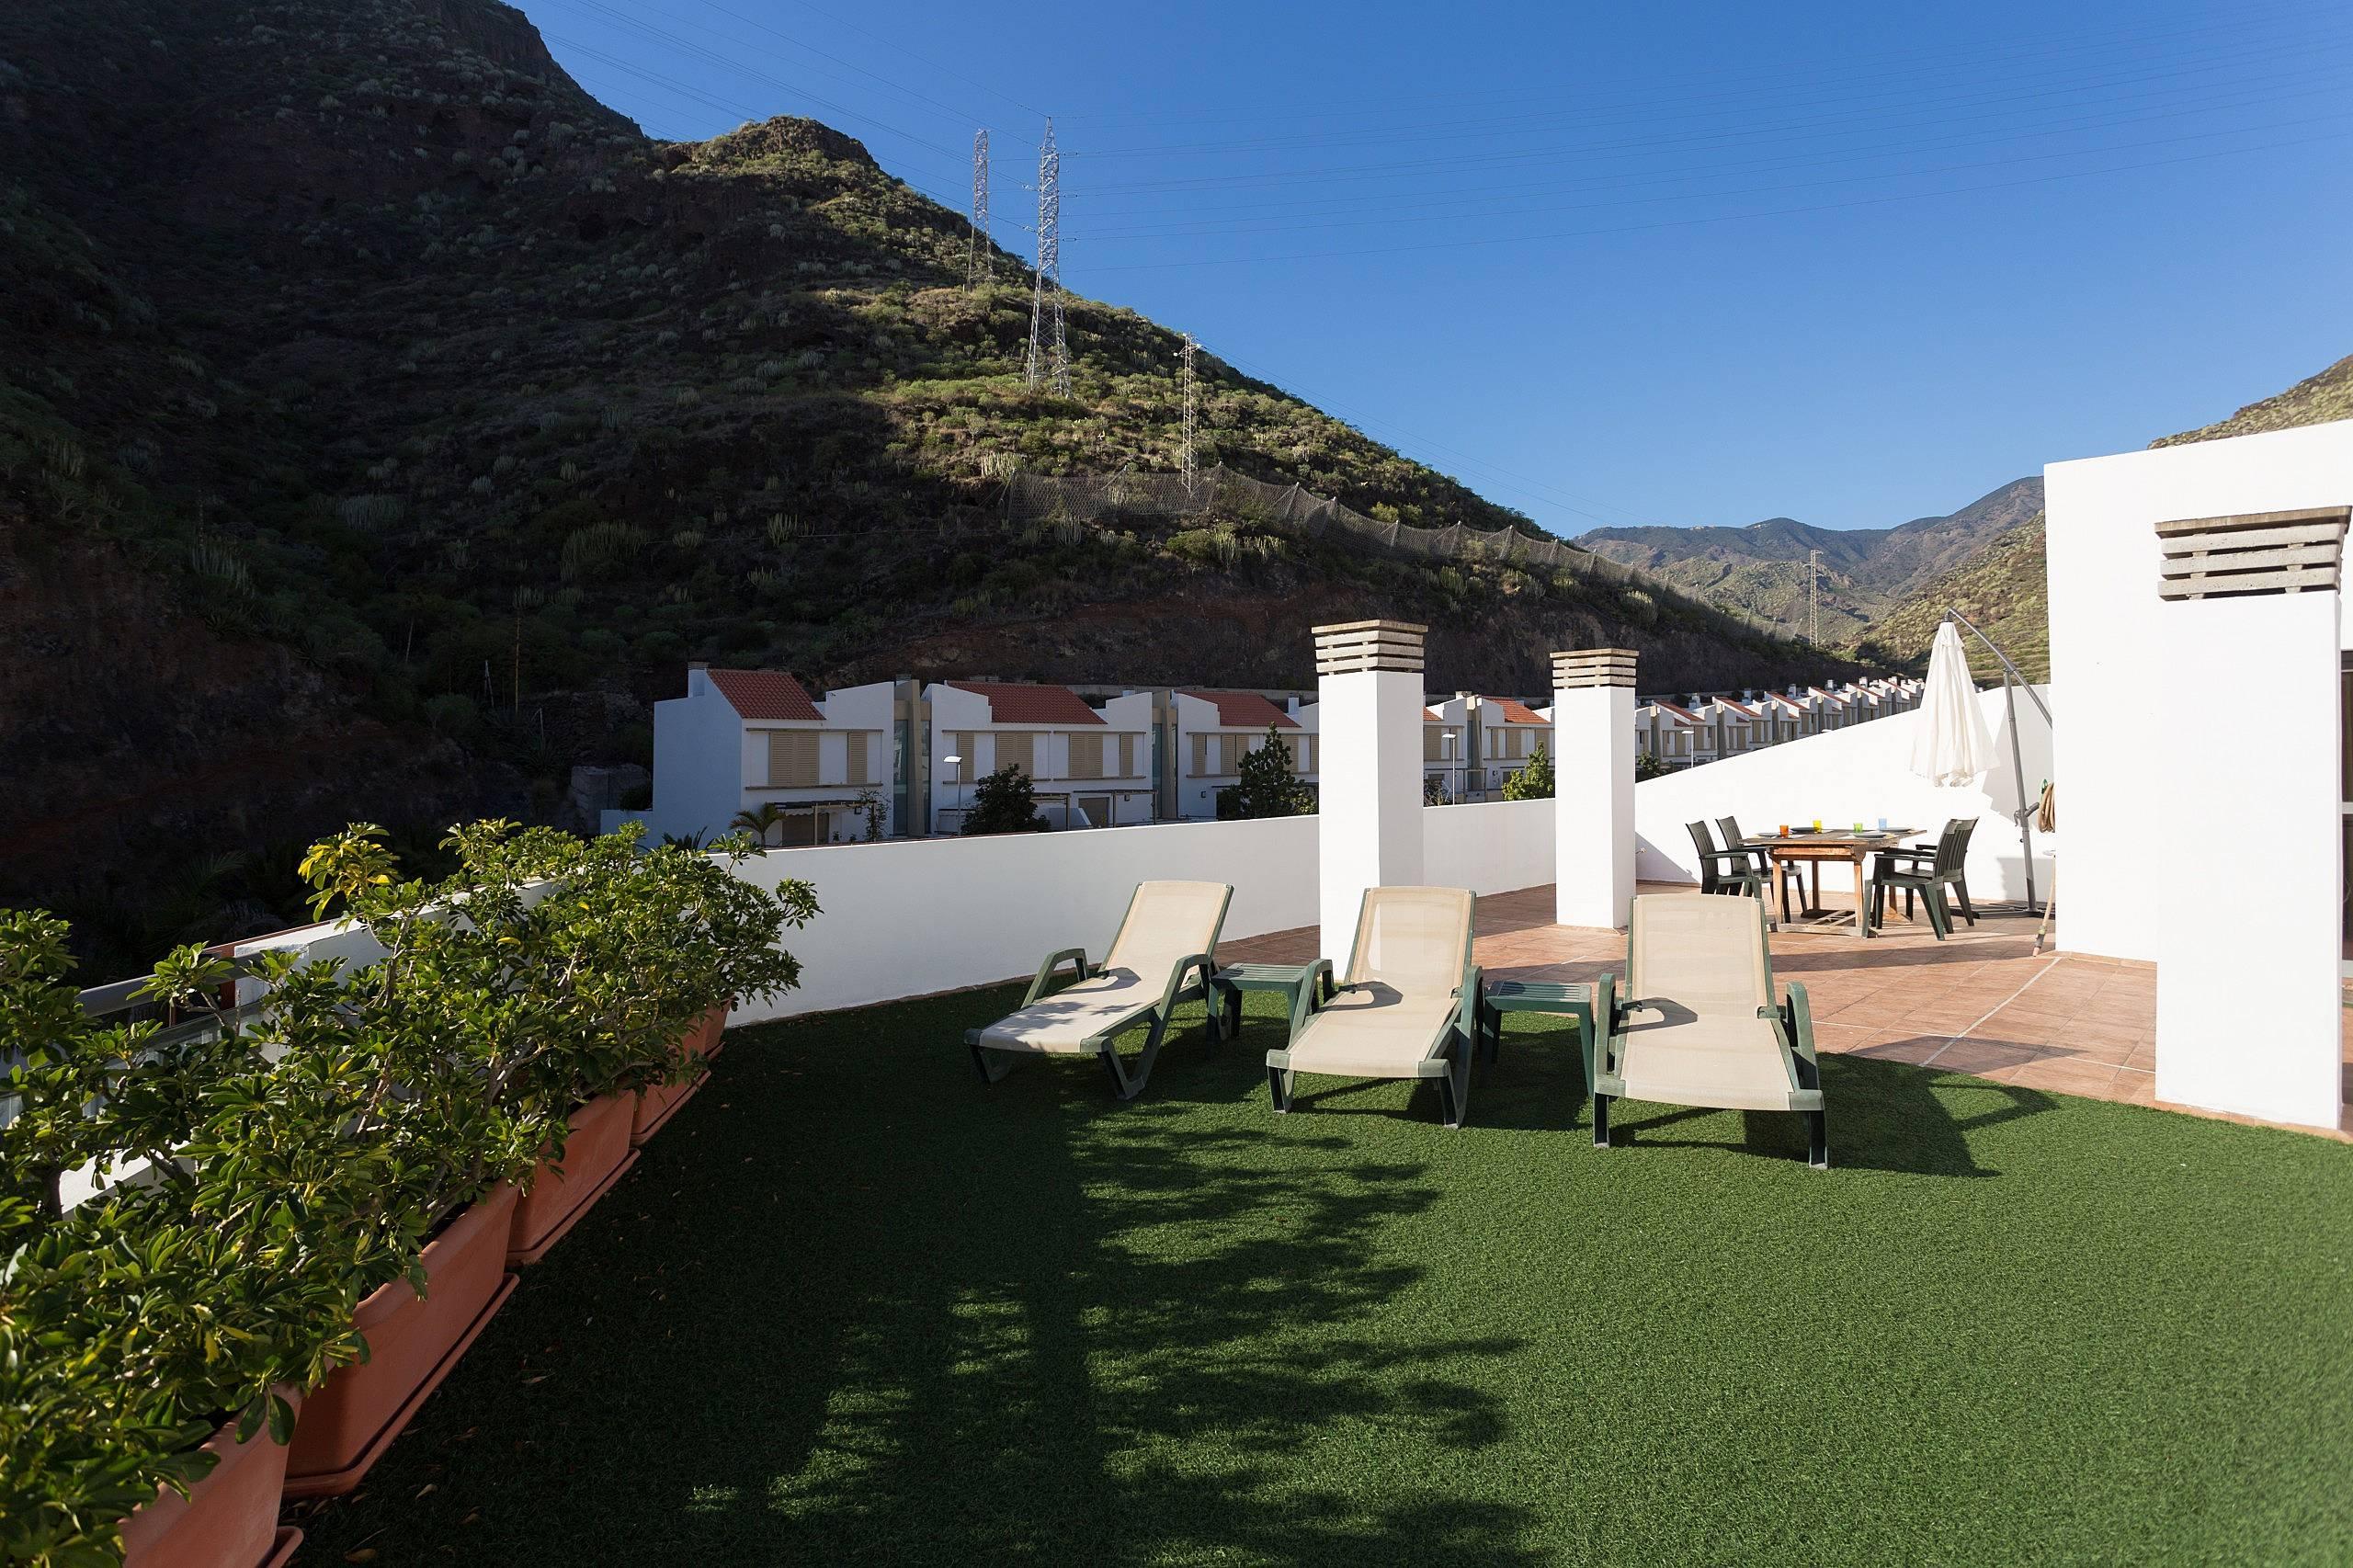 Alquiler apartamentos vacacionales en maria jimenez santa cruz de tenerife y casas rurales - Alquiler casa vacaciones tenerife ...